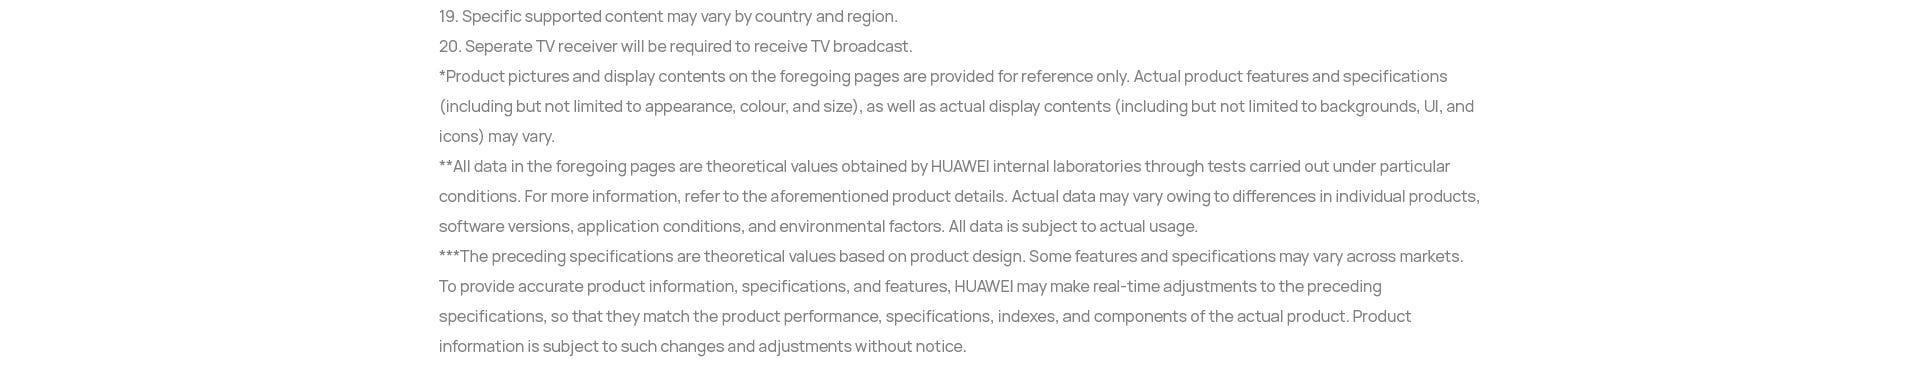 Huawei TV 41